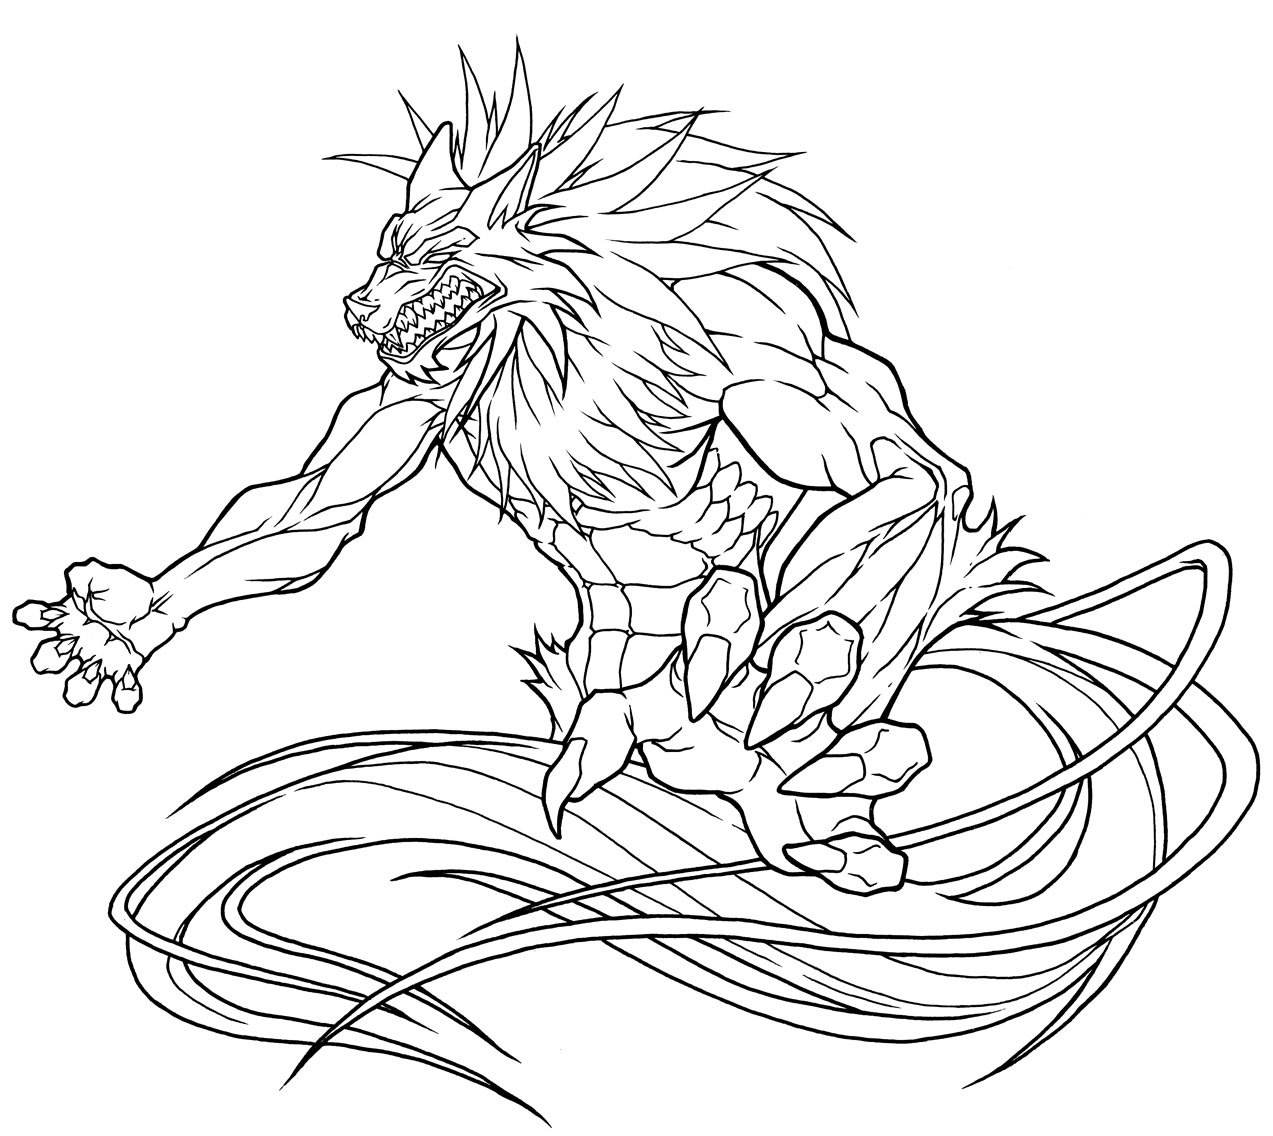 Moderno Wolfman Para Colorear Bandera - Dibujos de Animales para ...